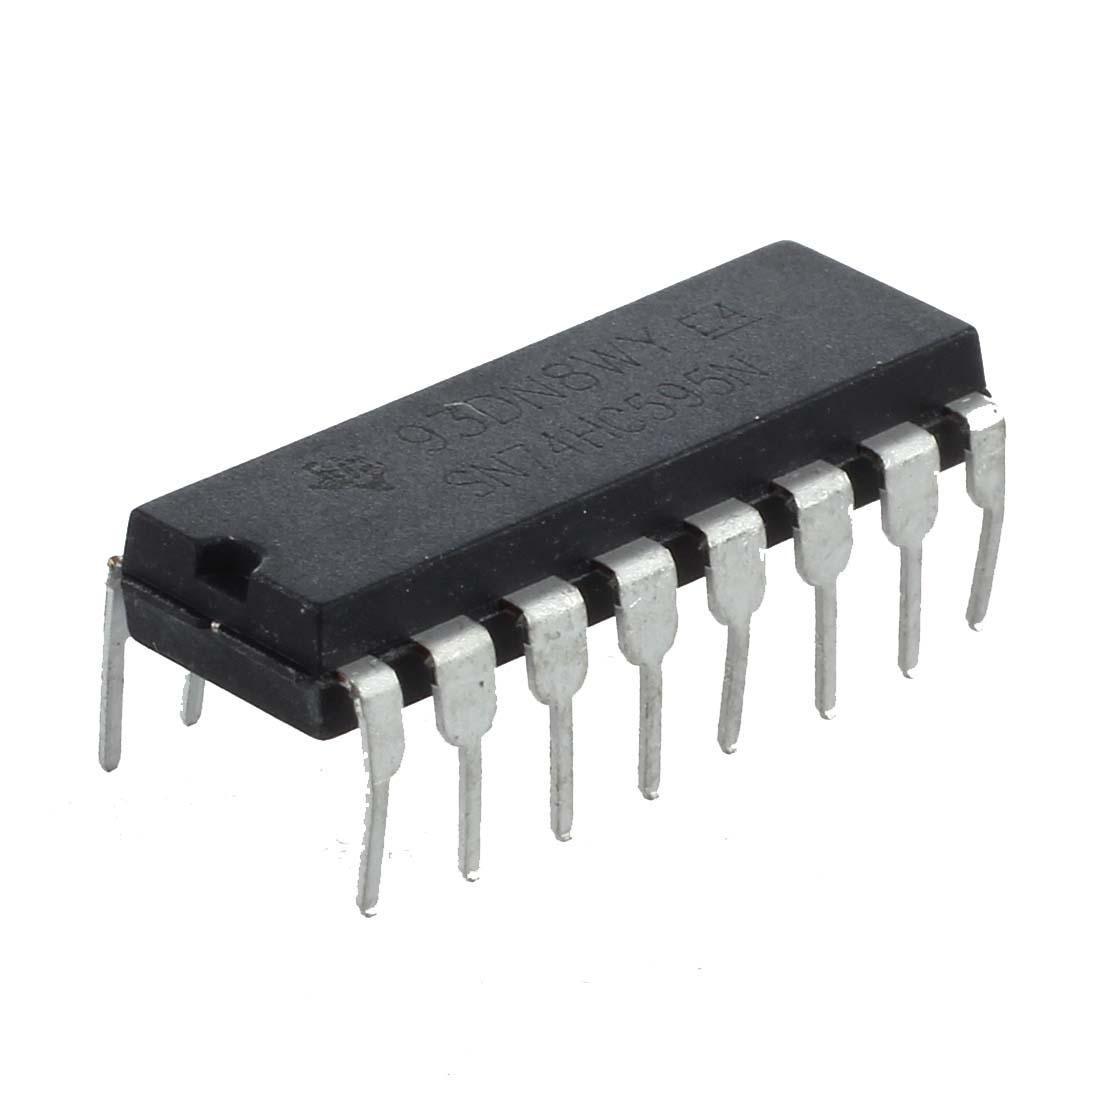 5x 74hc595 porte cmos logique ic 5 pieces 8 bit for Porte logique ou